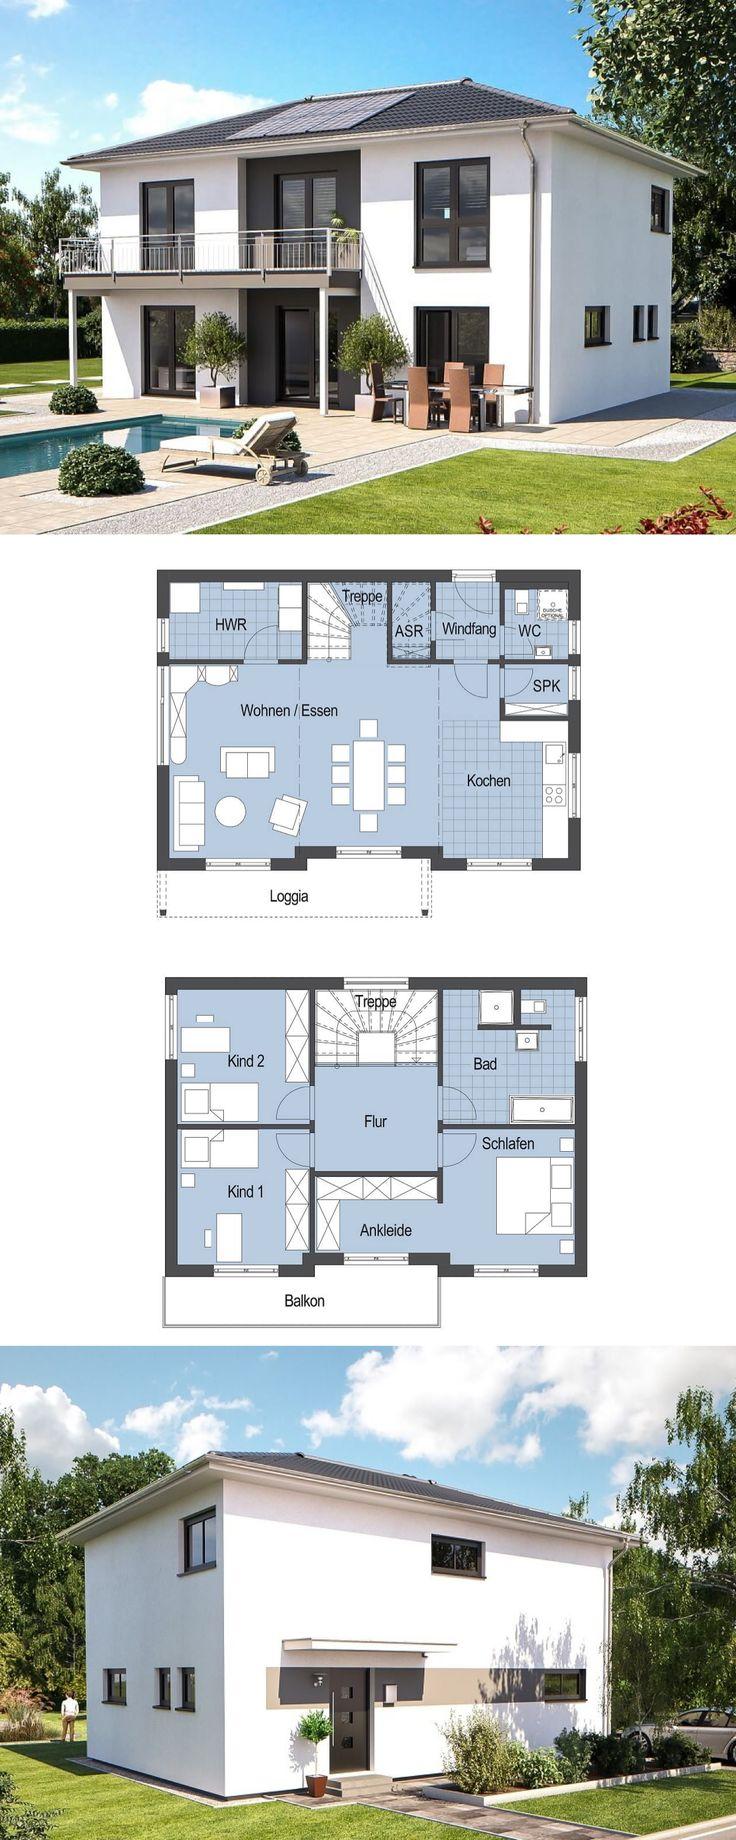 Moderne Stadtvilla – Einfamilienhaus Top Star S 149 Hanlo Haus – Fertighaus bauen moderne Architektur mit Walmdach Grundriss offene Küche Loggia Balk…